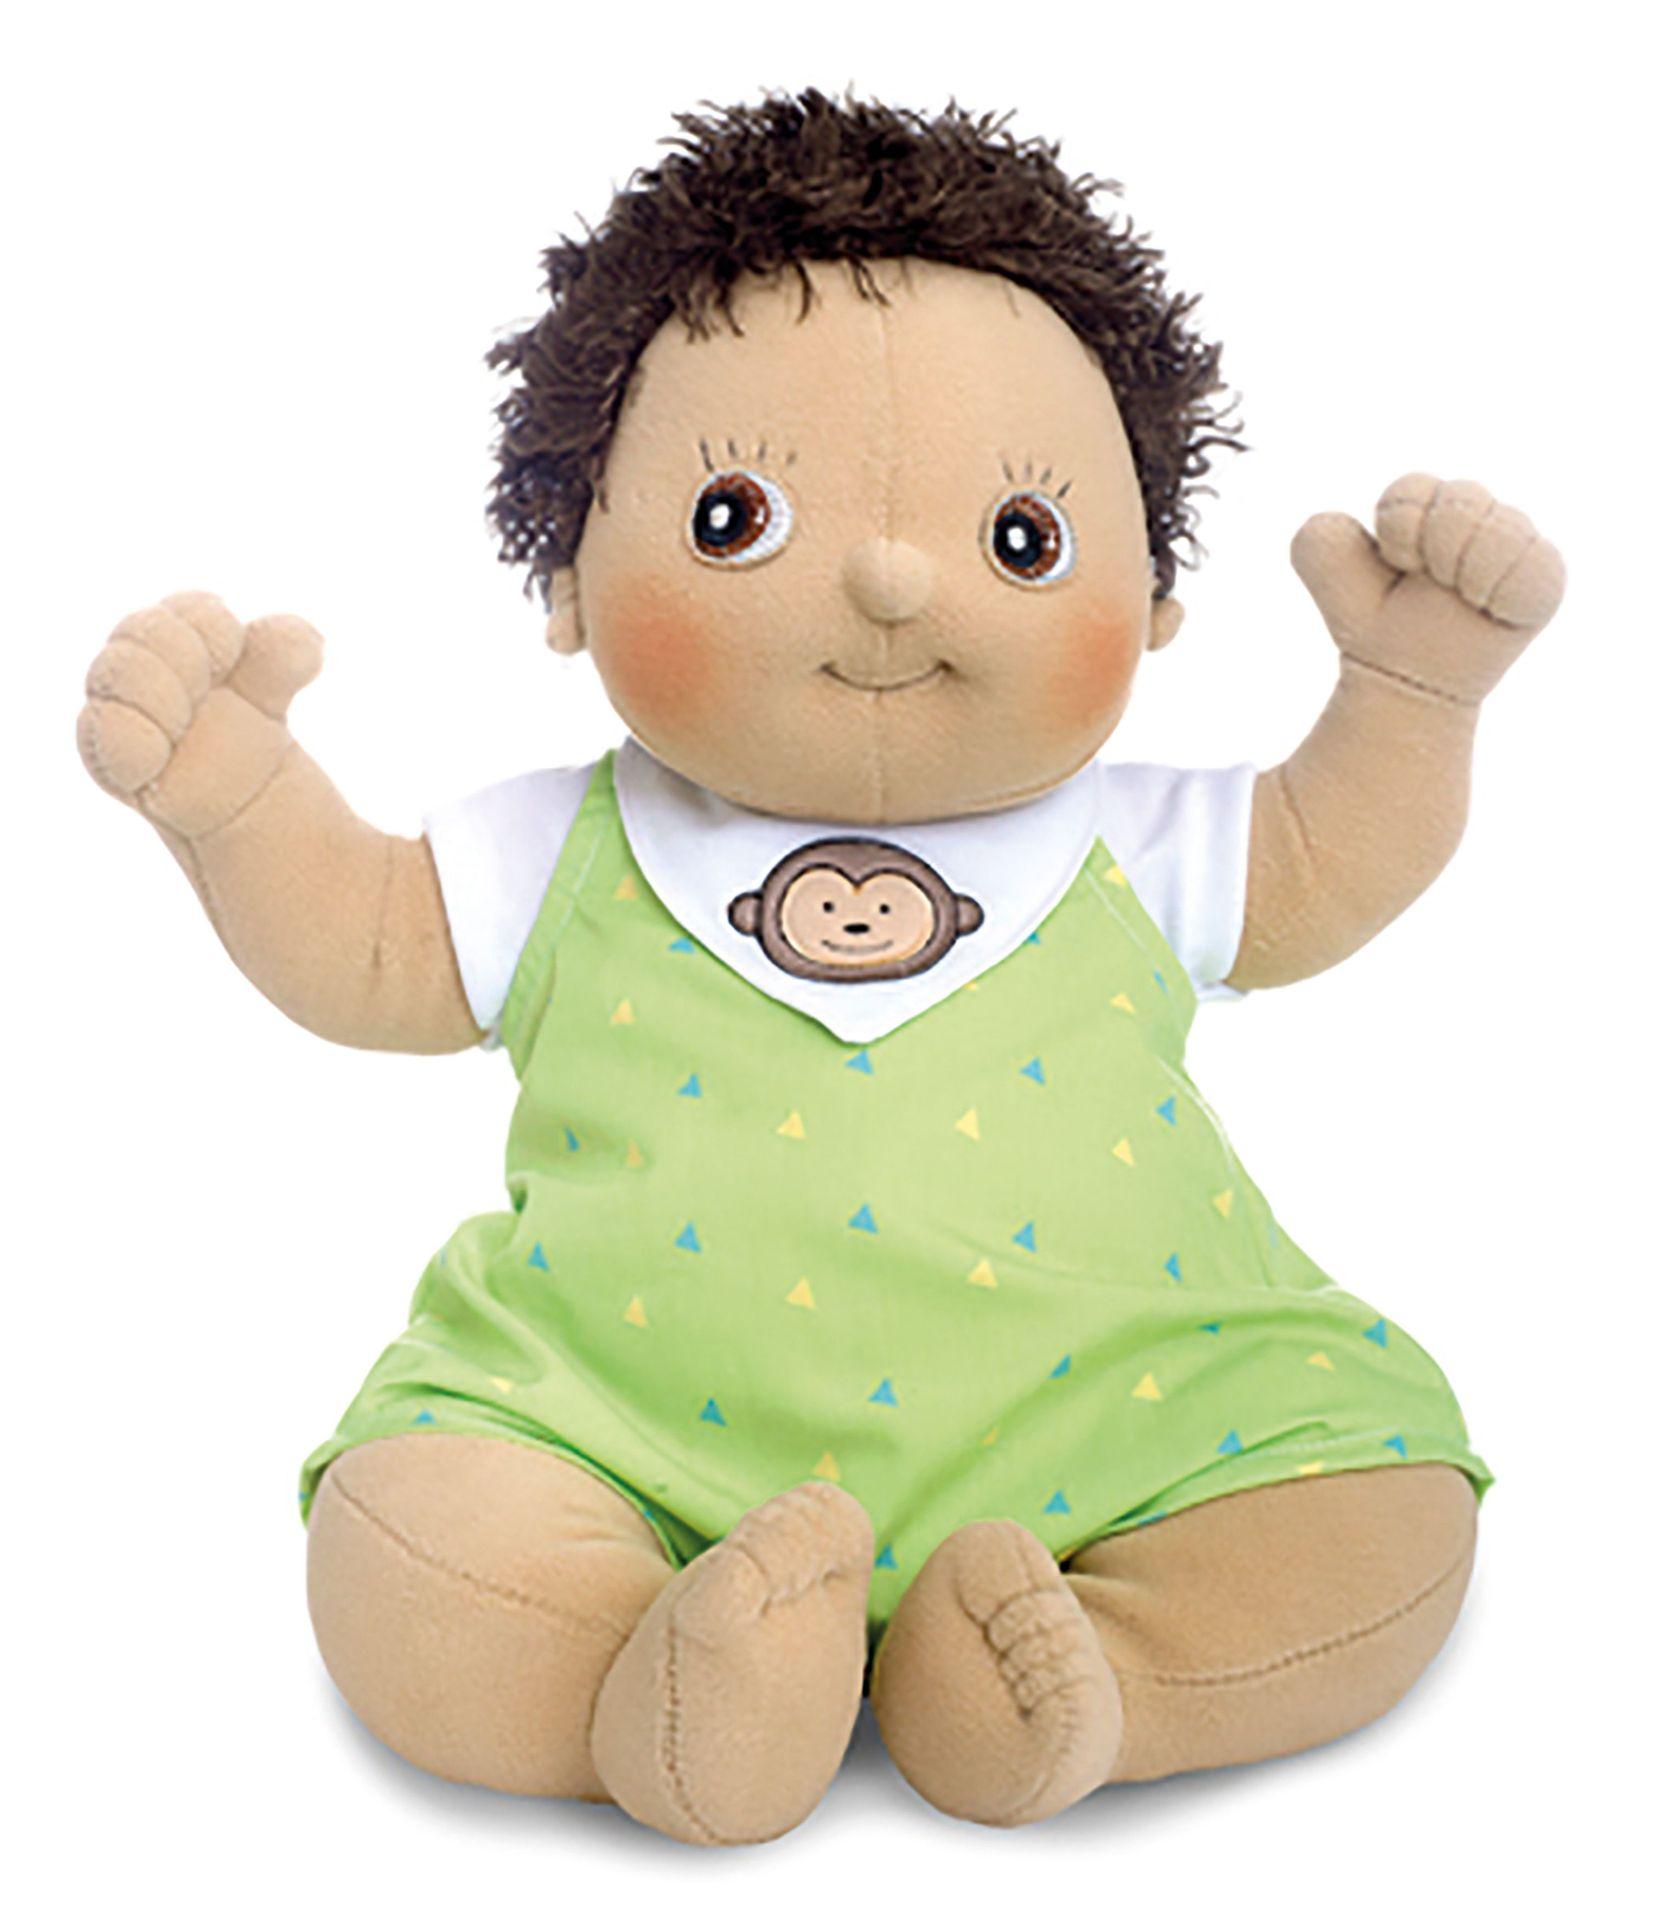 Baby Ken